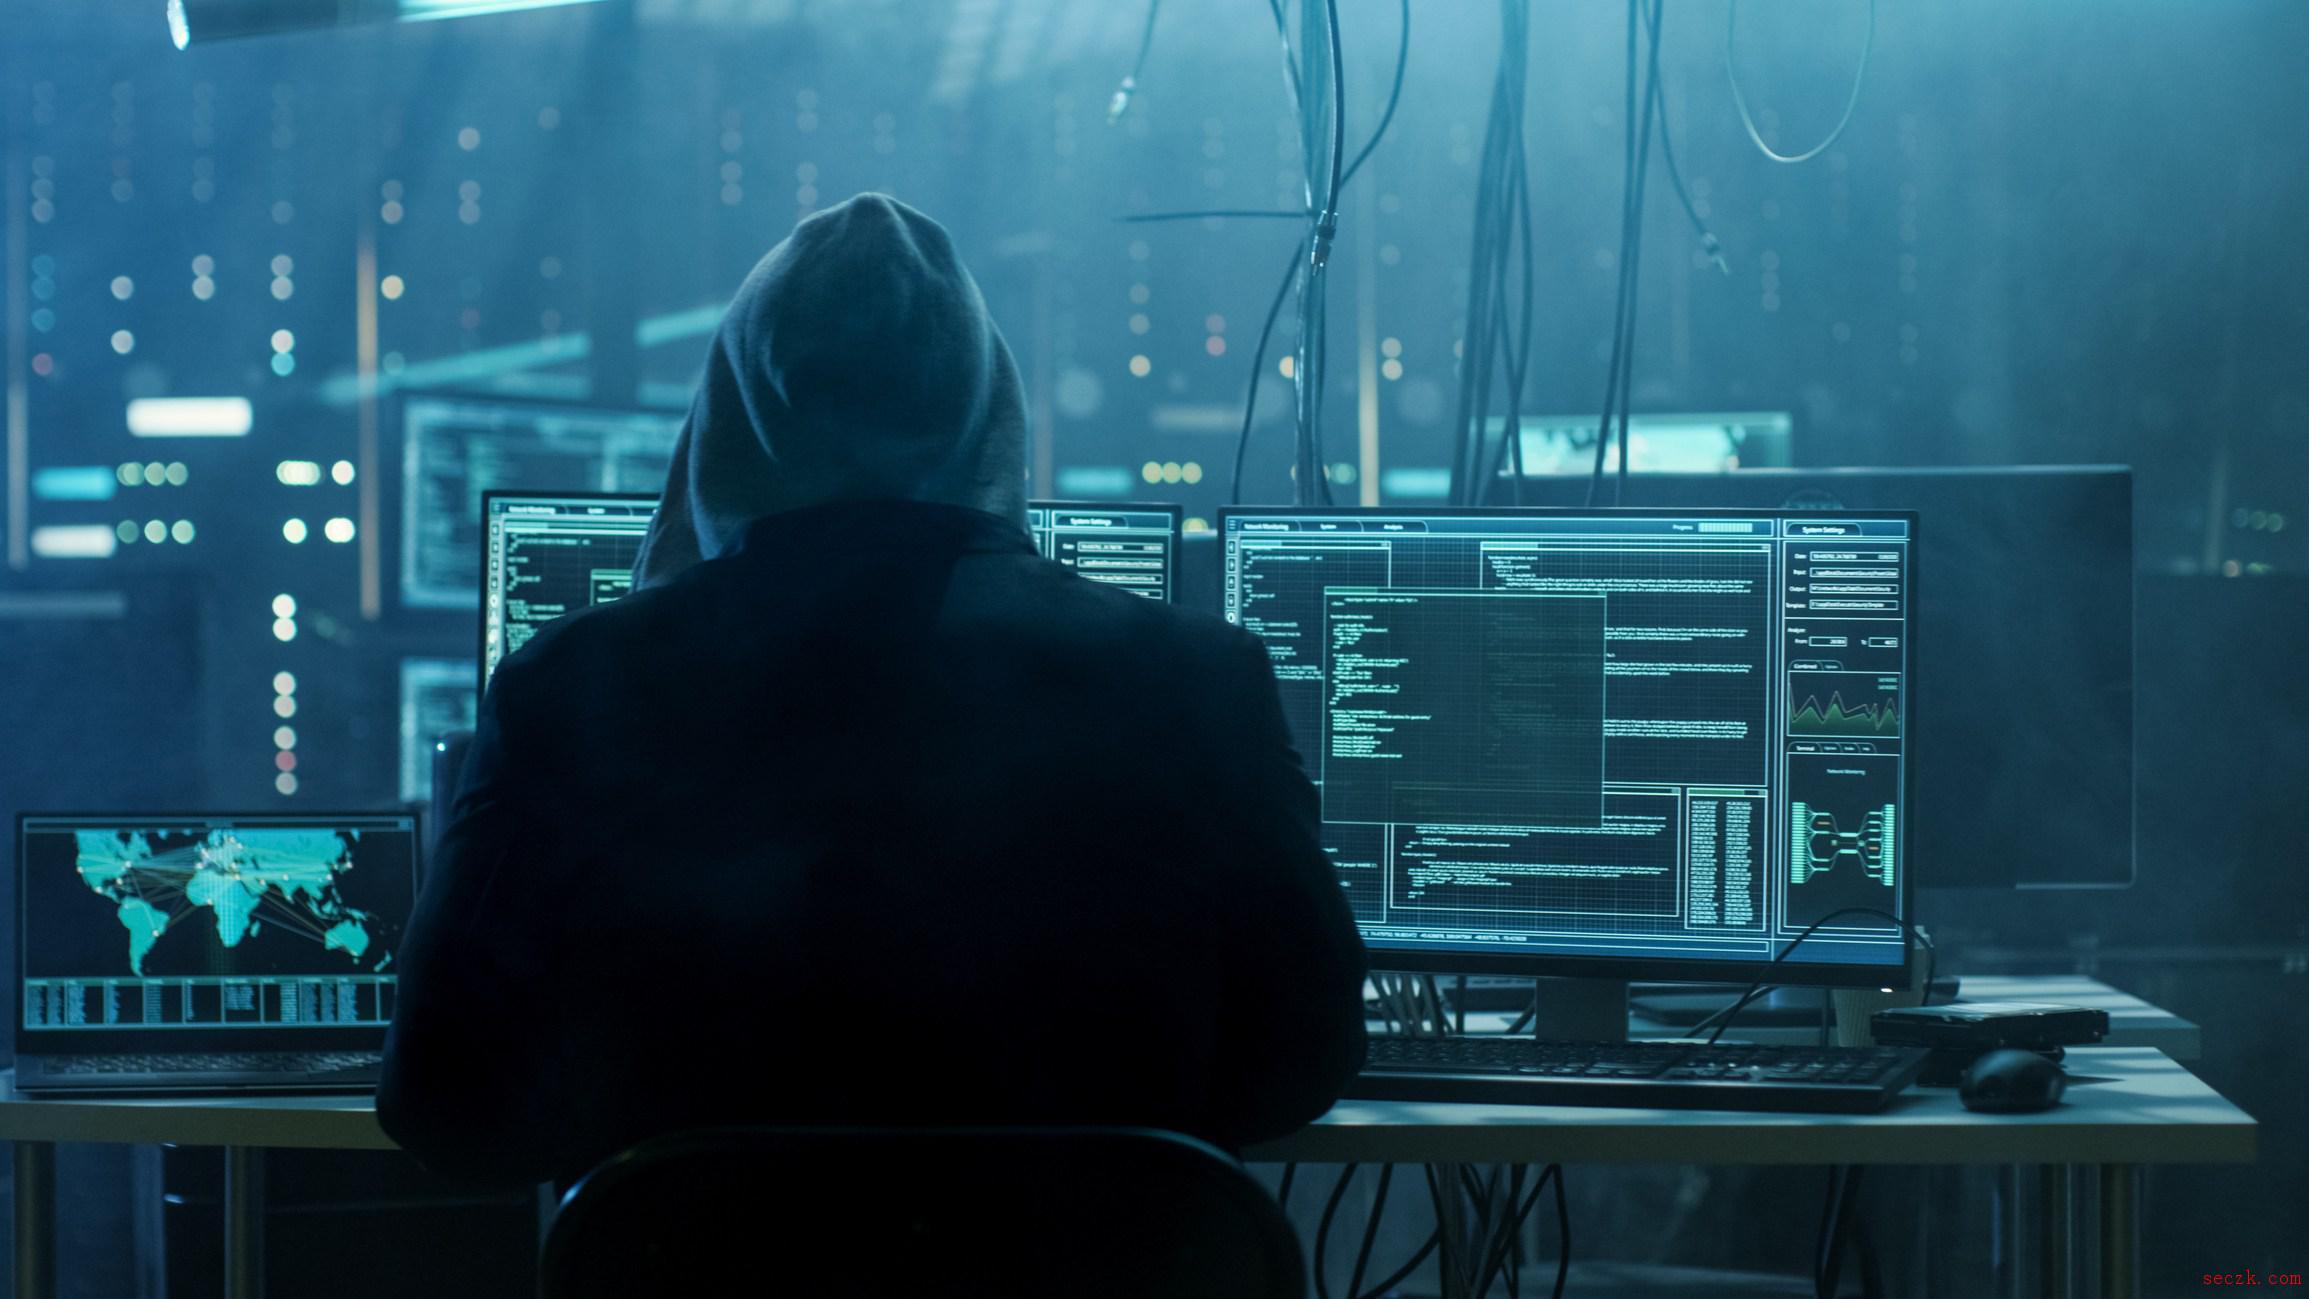 电商平台遭黑客入侵 岳麓警方9小时破案